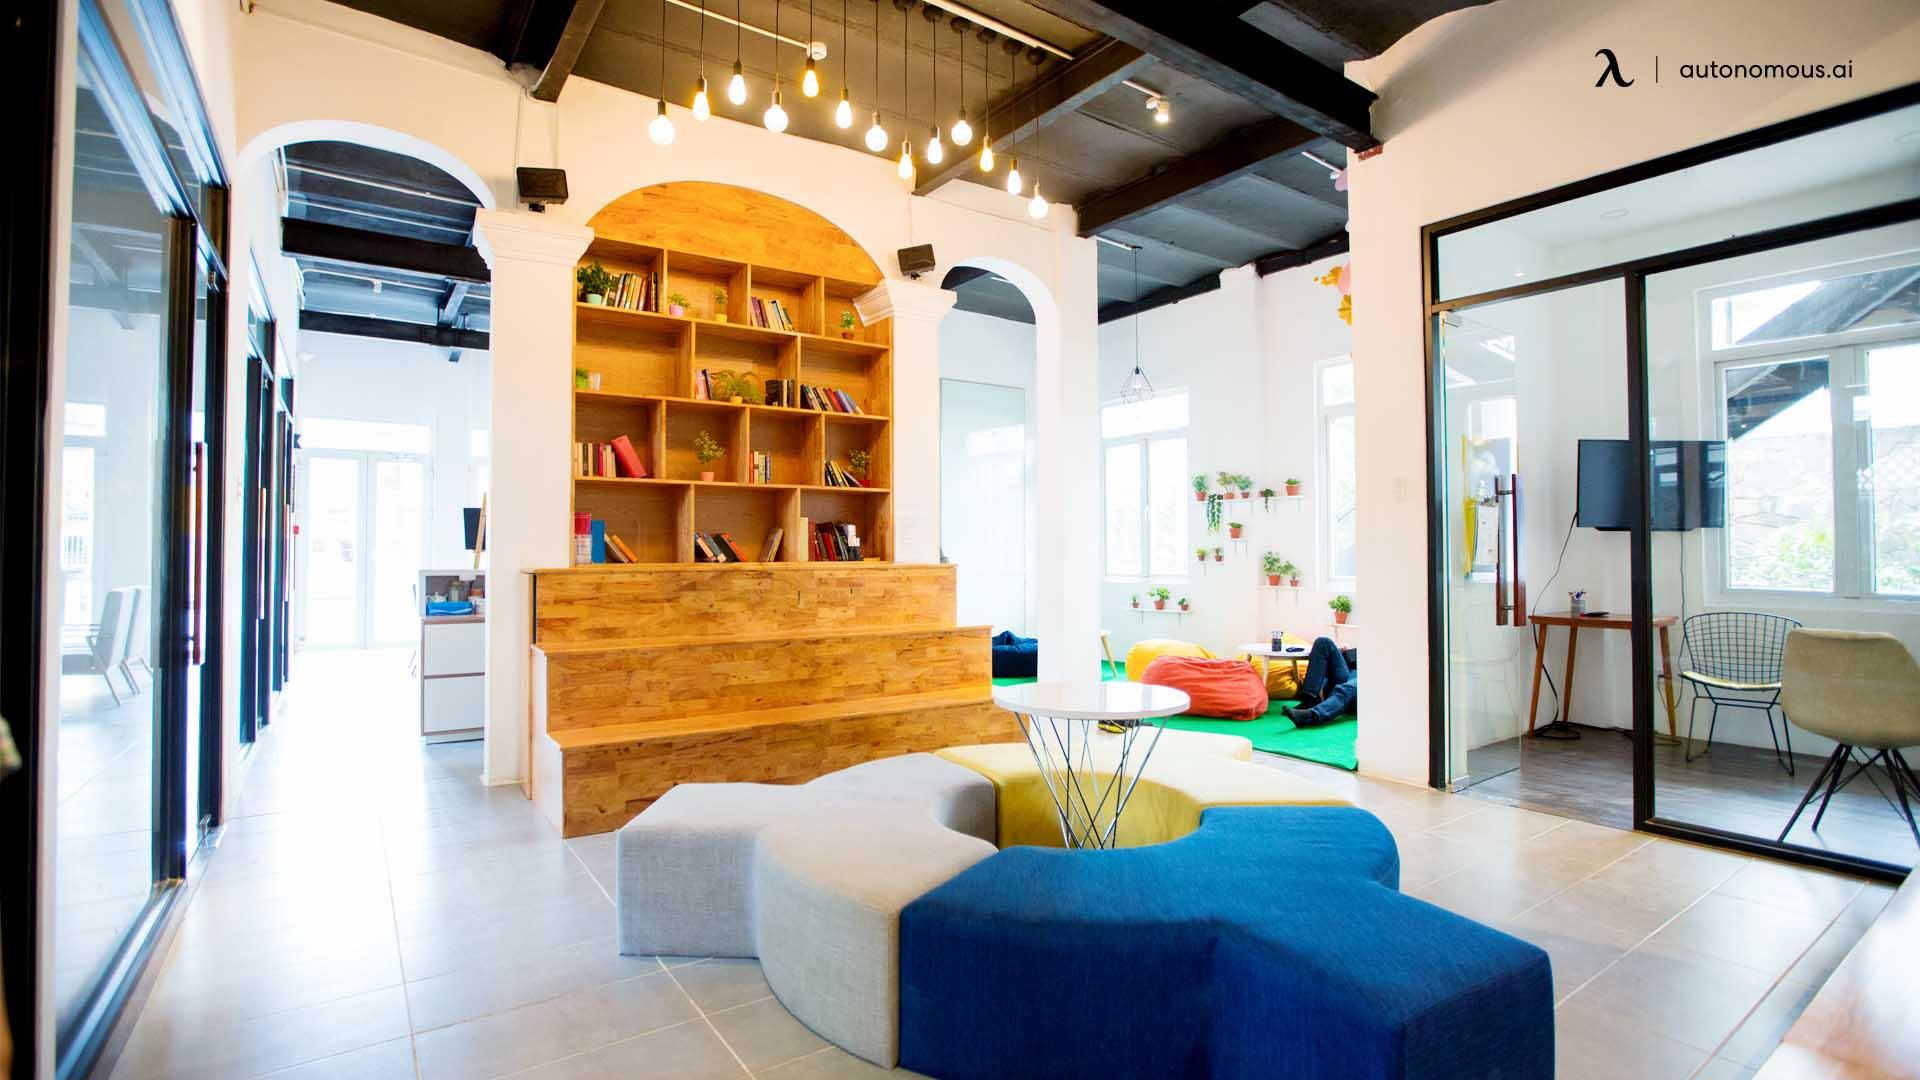 Key Takeaways for Modern Office Design Trends